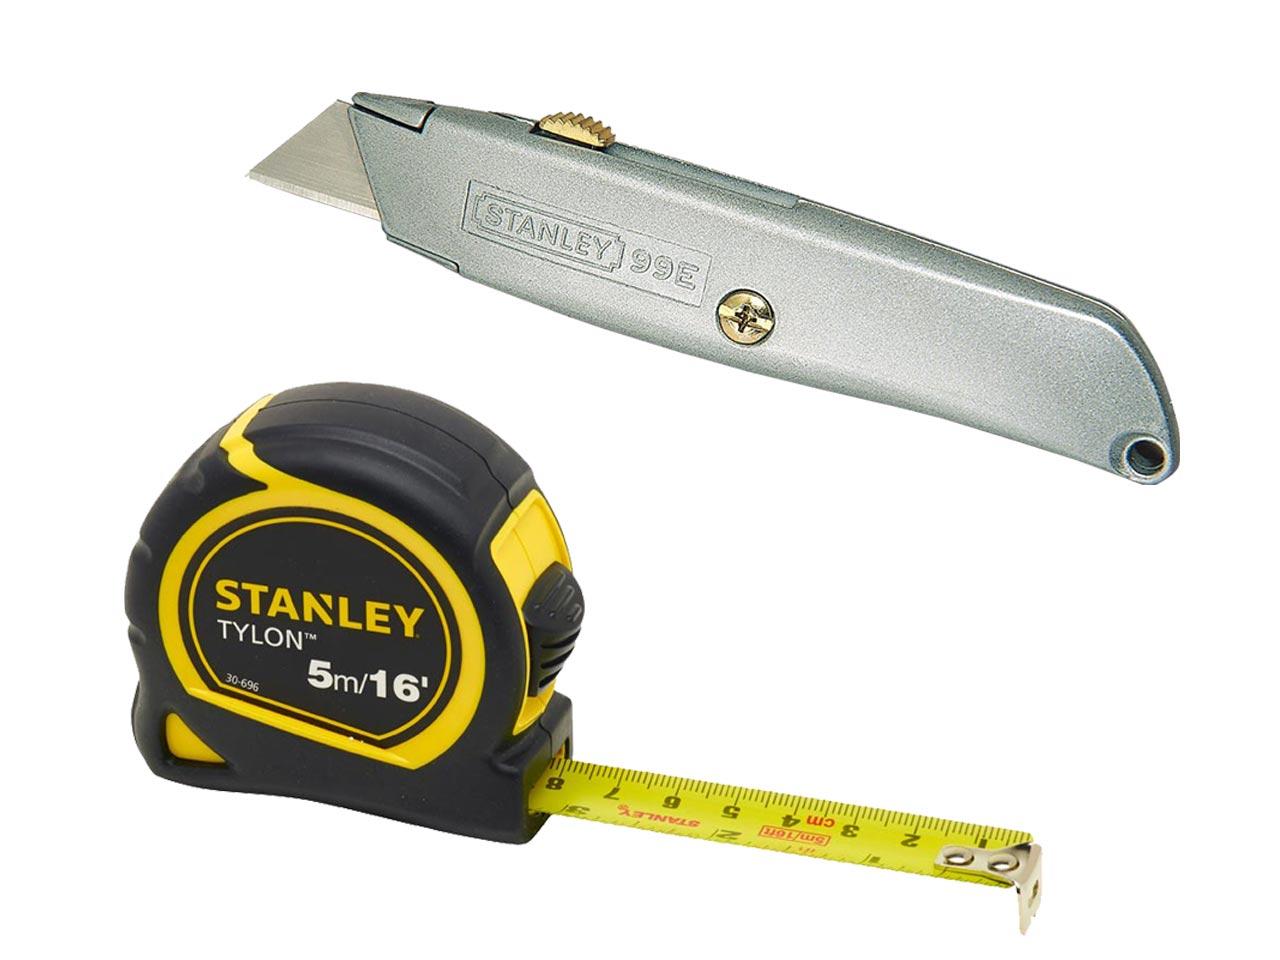 Stanley_030696210099.jpg